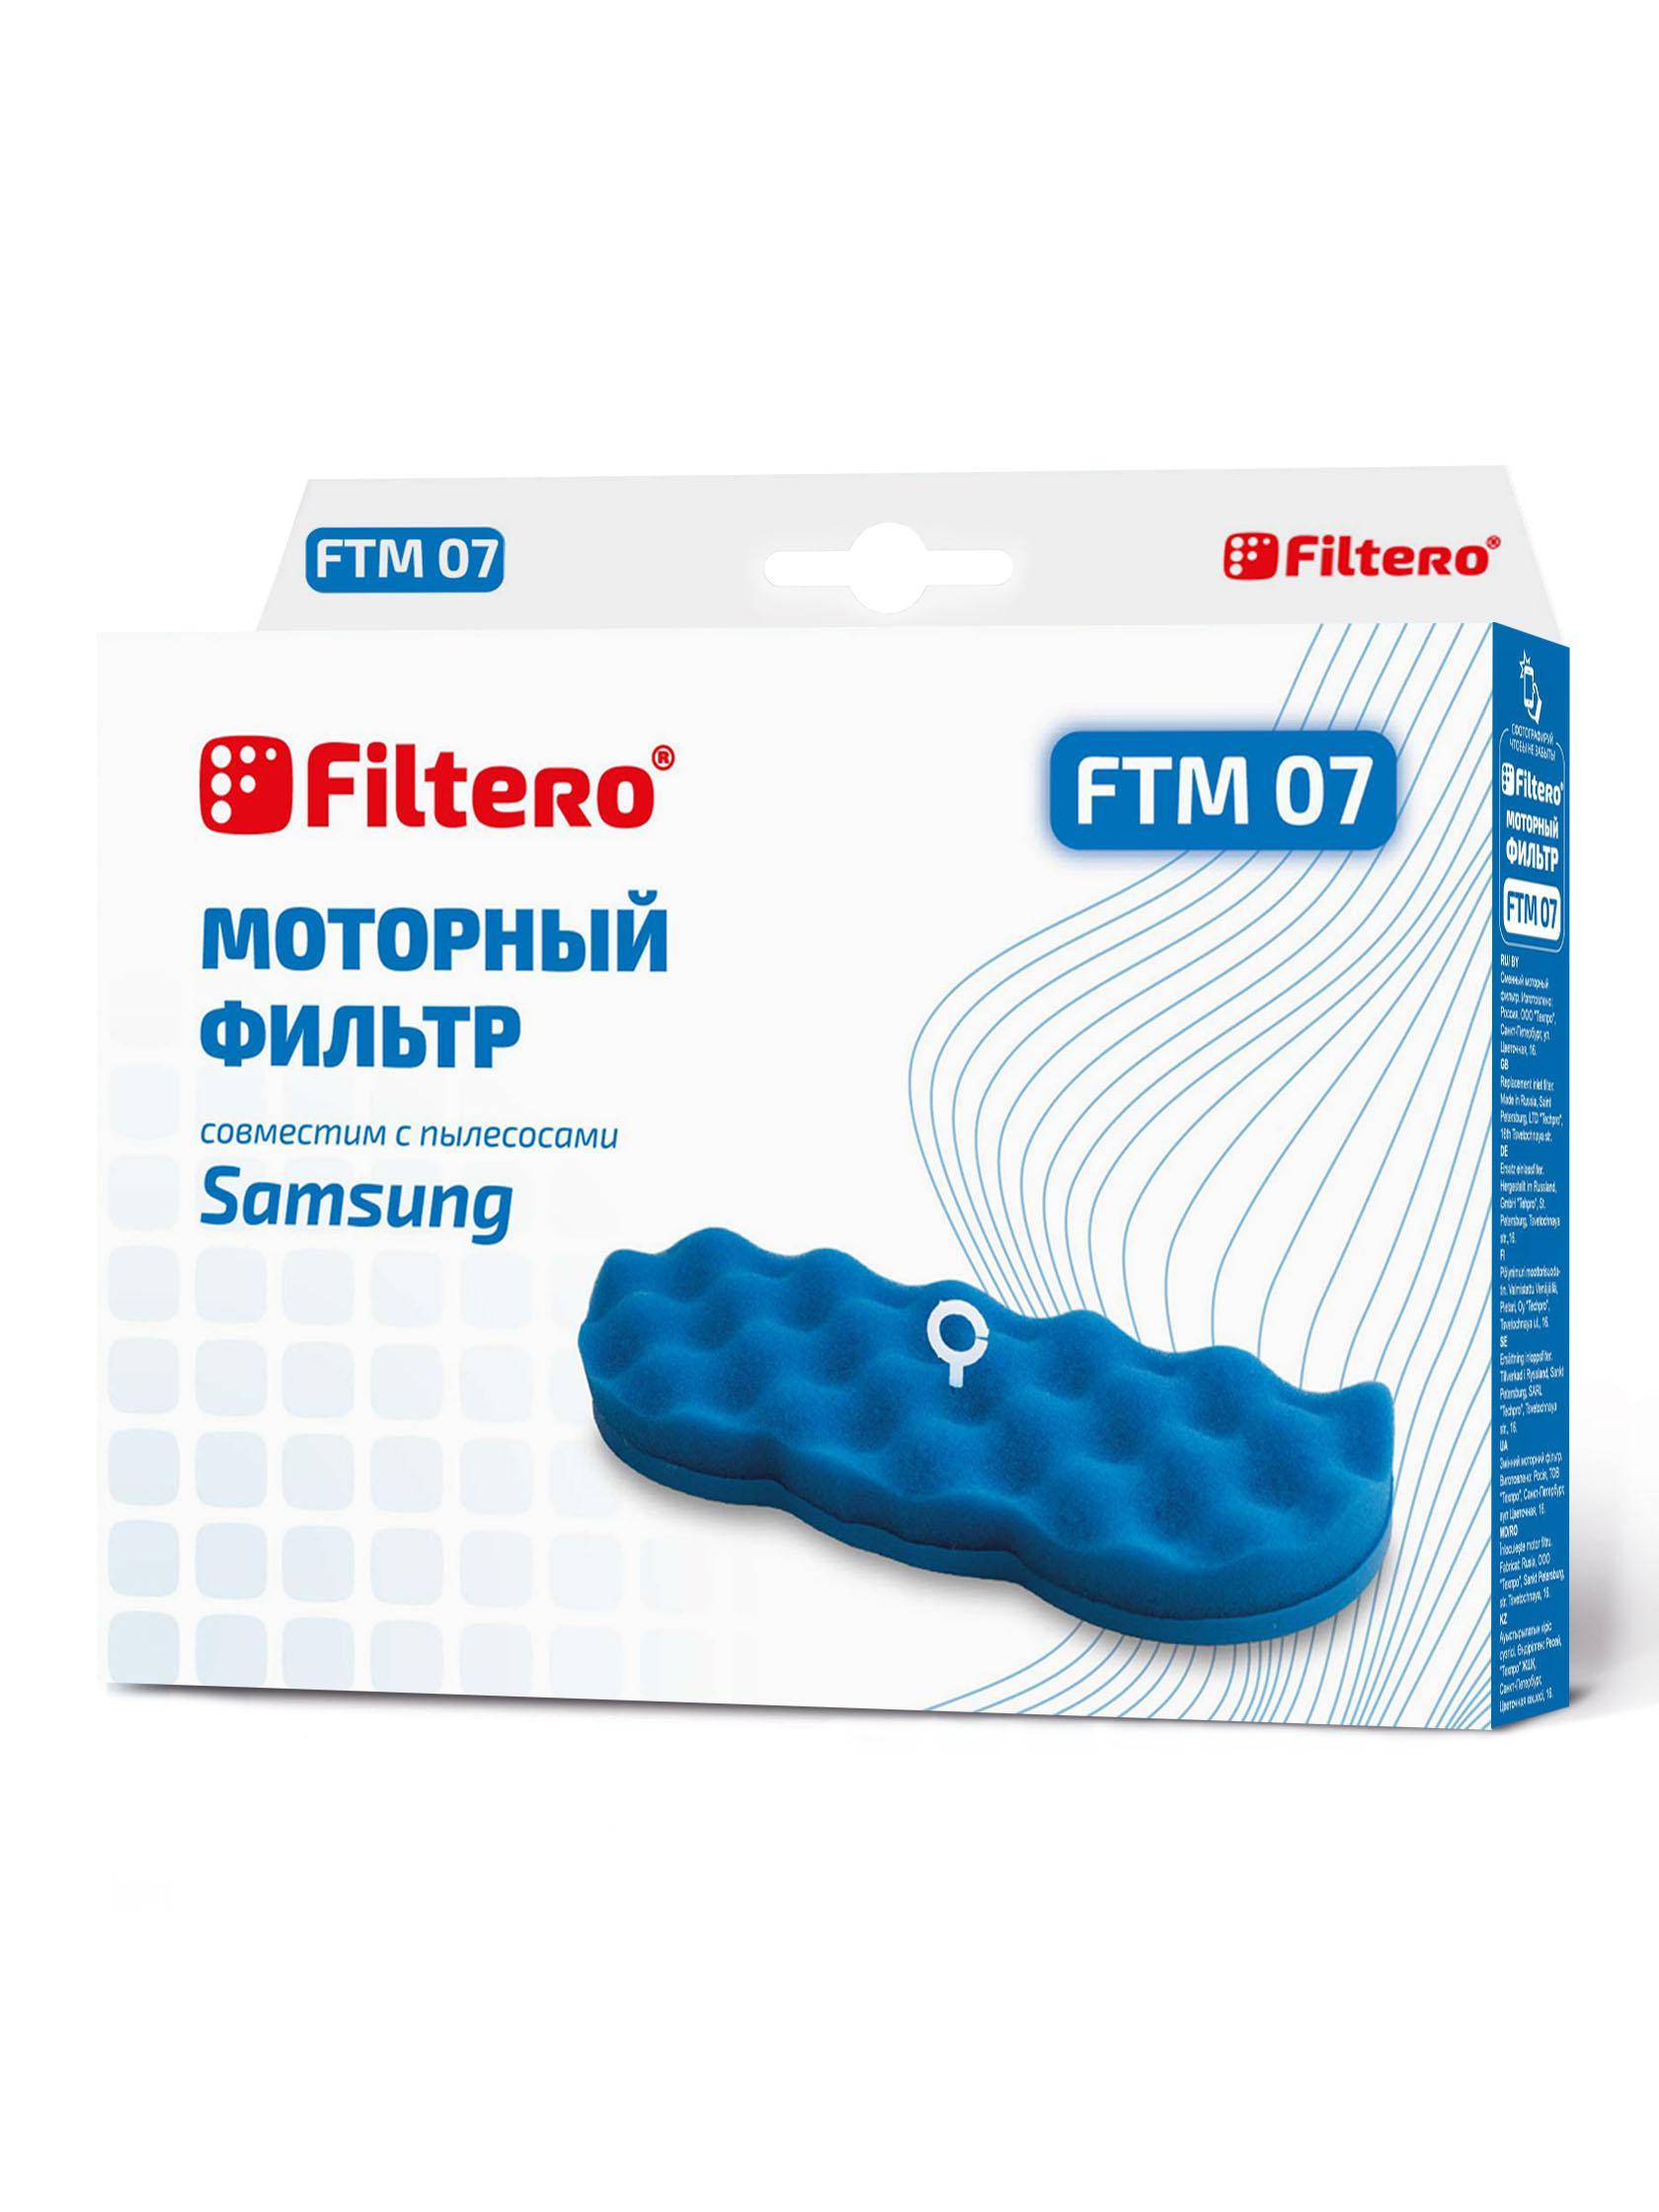 Фильтр Filtero Ftm 07 sam